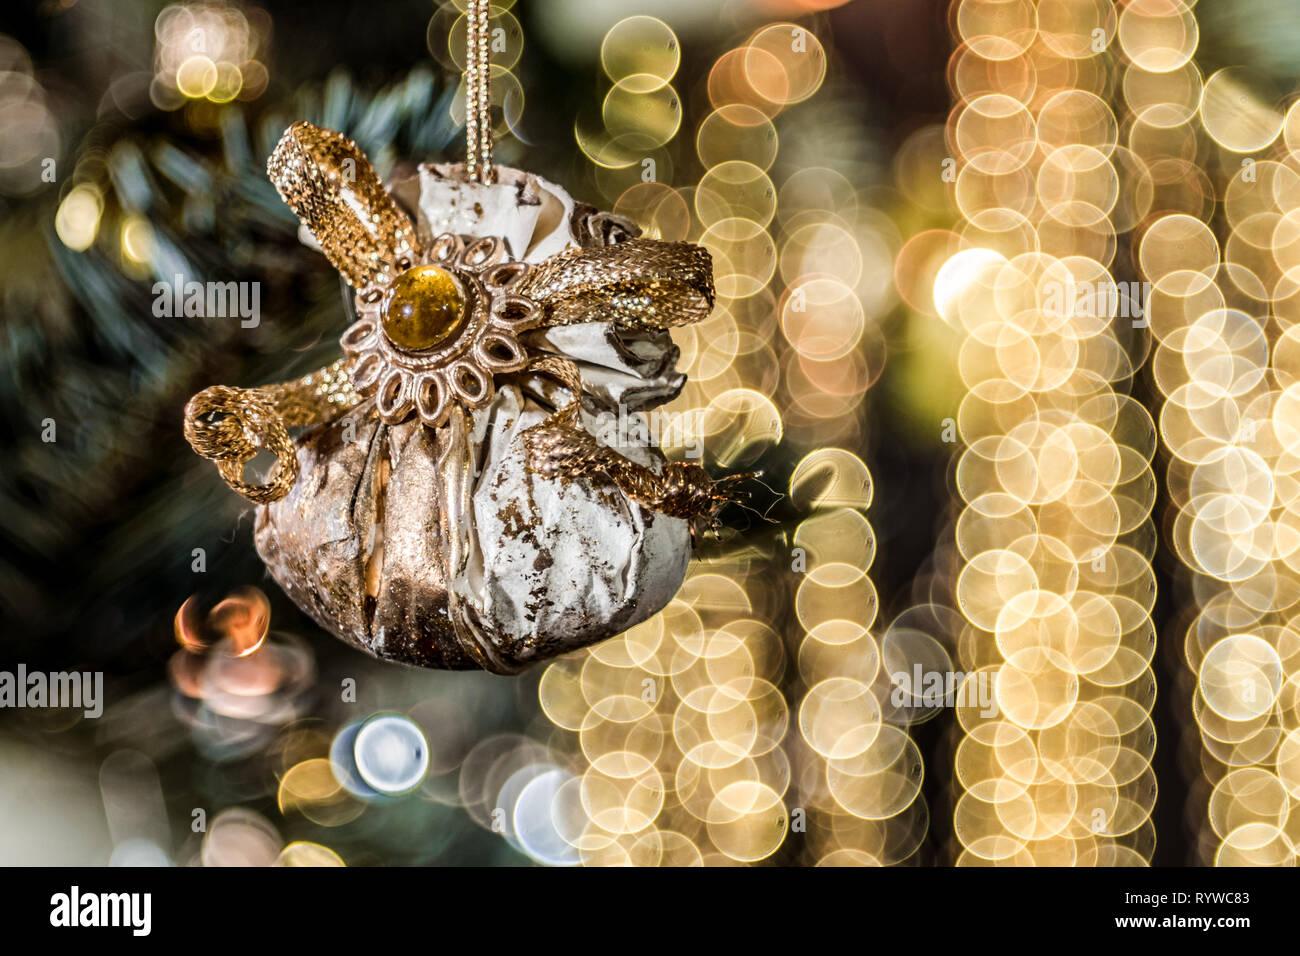 Christbaum Weihnachtsdekoration - Geschenk als Christbaumschmuck, Hintergrund Bubbles Stock Photo